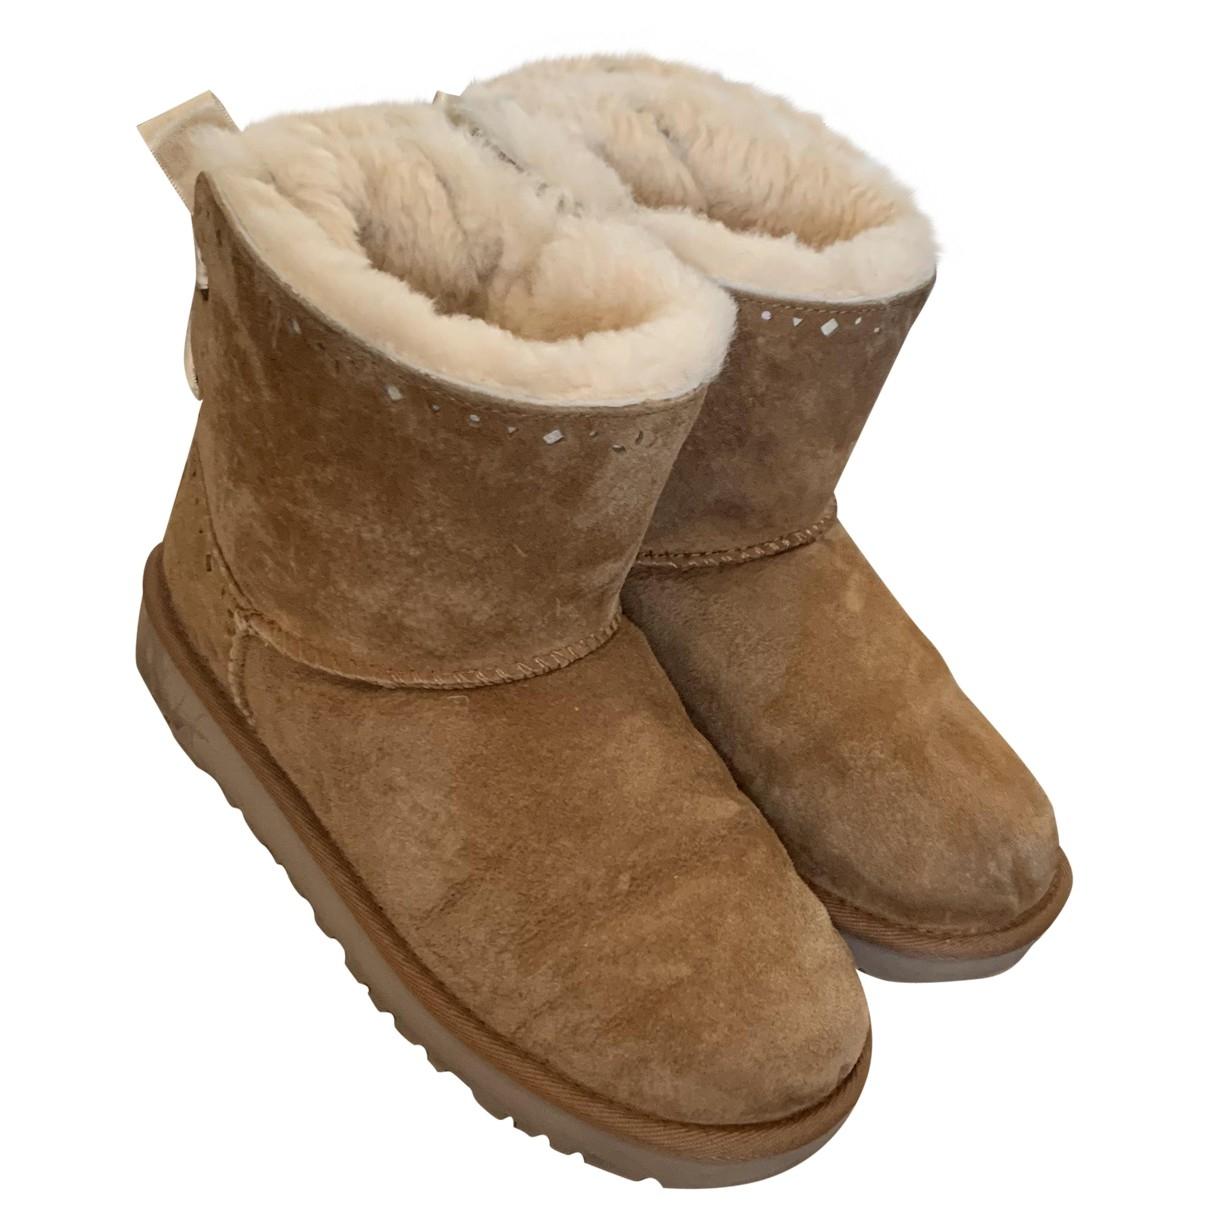 Ugg - Bottes   pour femme en agneau de mongolie - beige